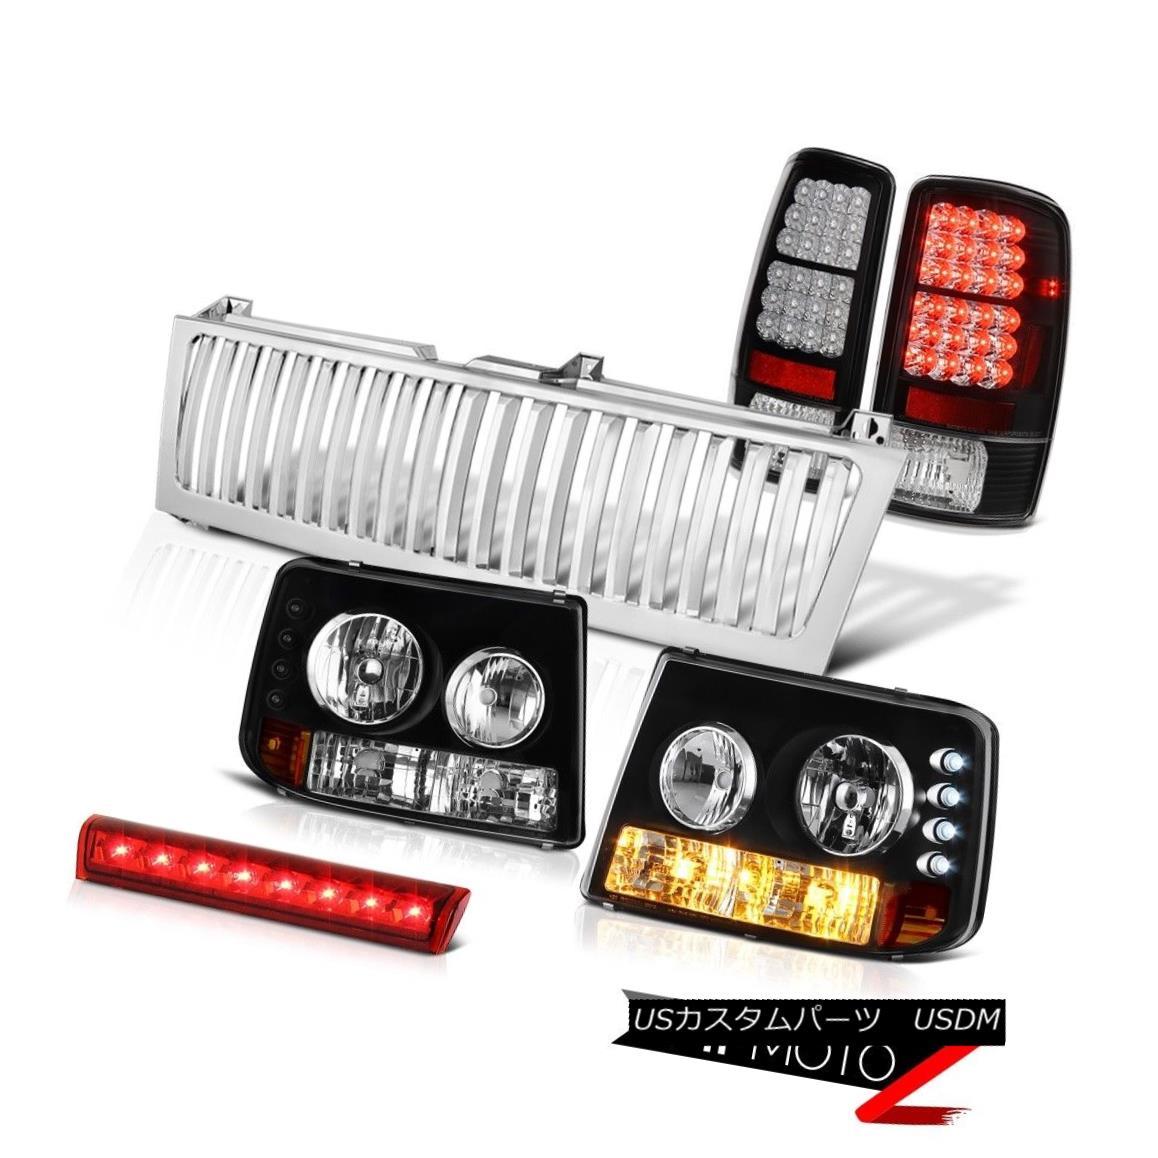 テールライト 00-06 Tahoe 4.8L Black Headlamps L.E.D Rear Lights Roof Brake LED Chrome Grille 00-06タホ4.8LブラックヘッドランプL.E.DリアライトルーフブレーキLEDクロームグリル